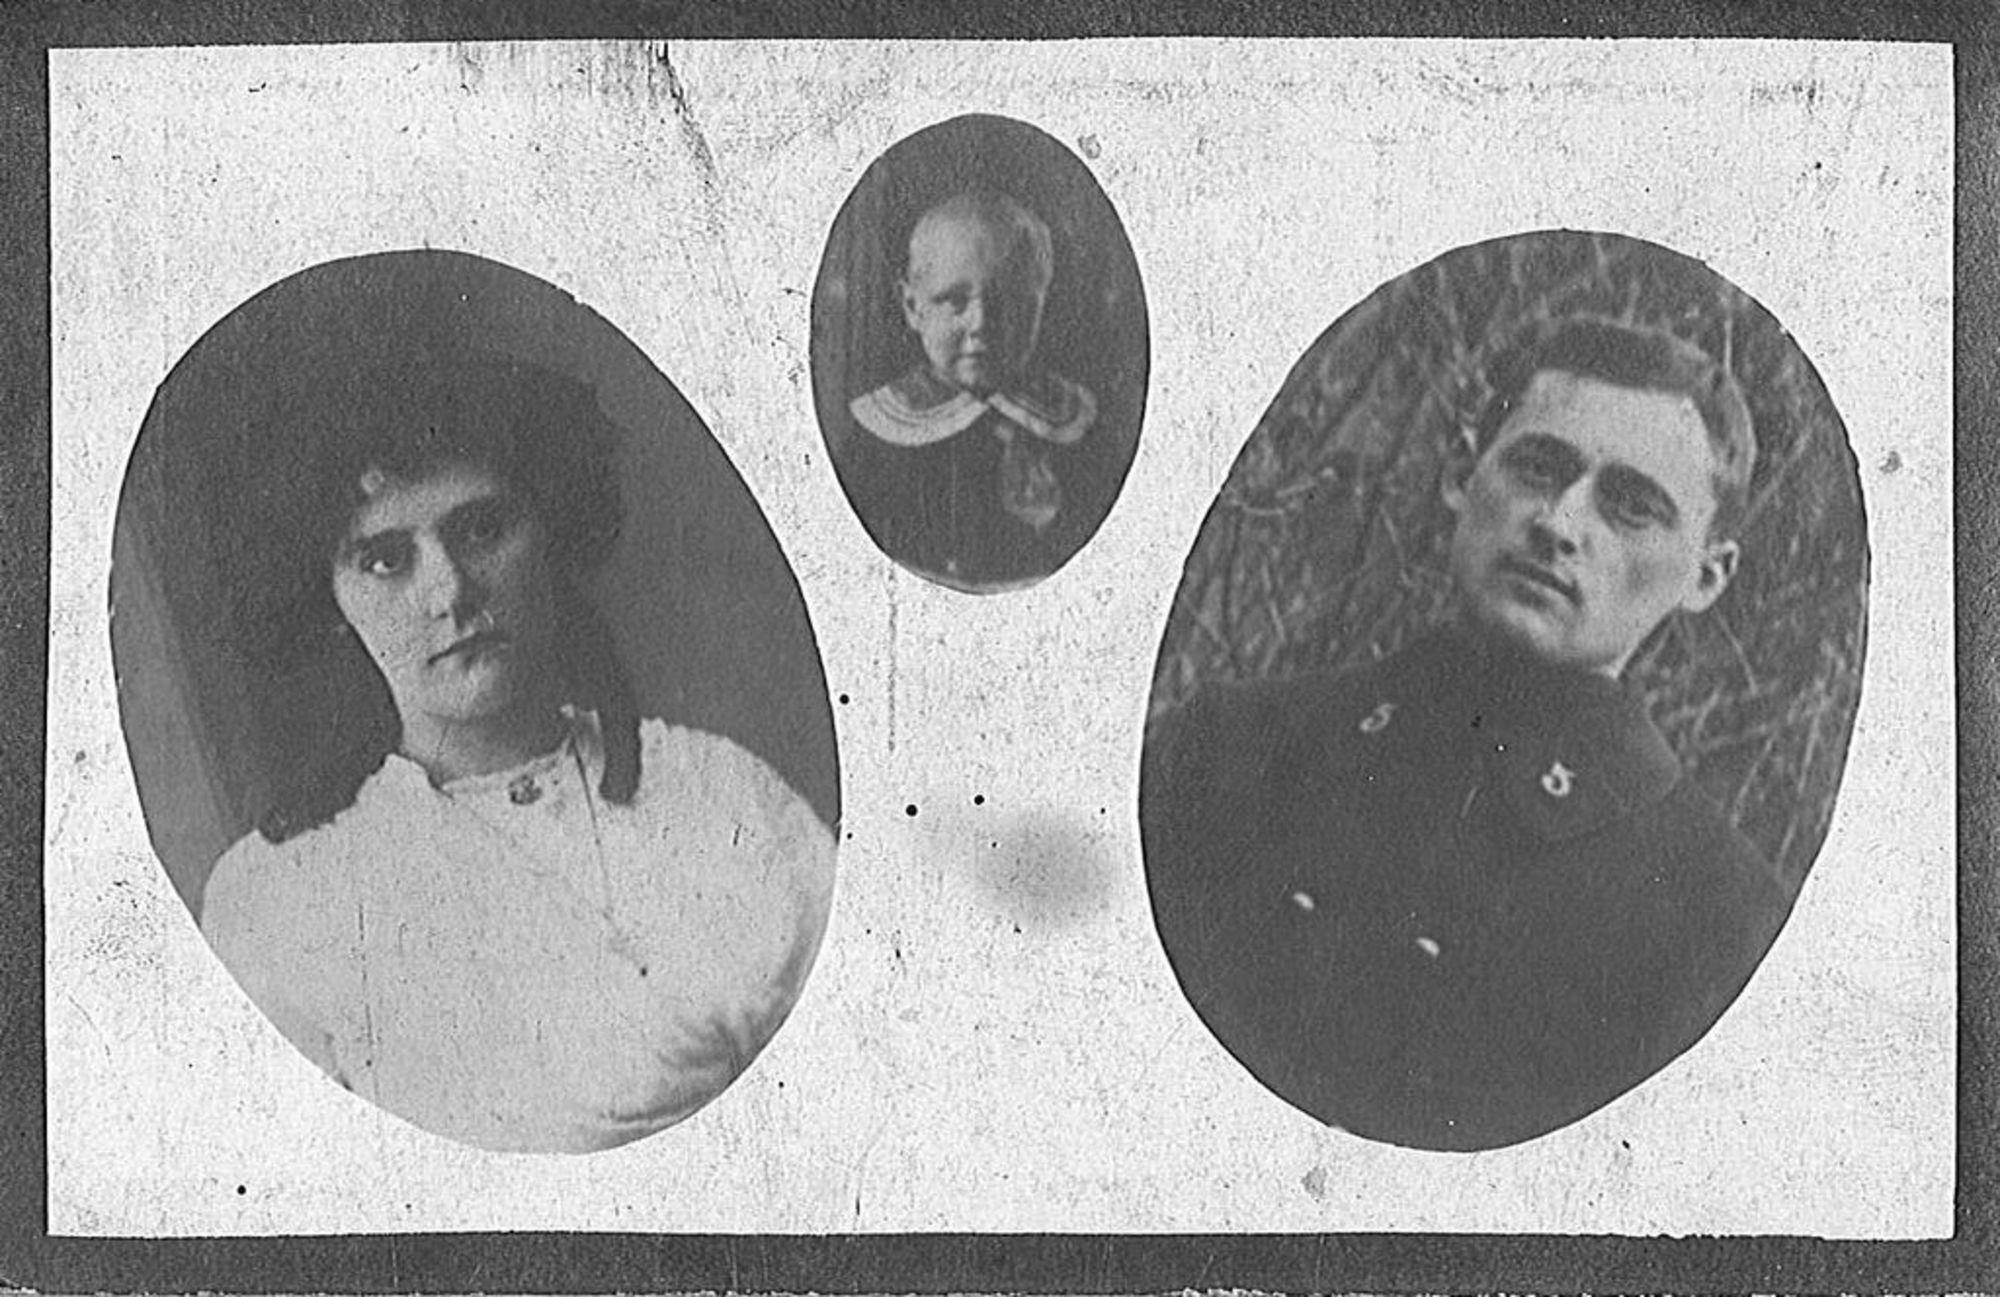 Oosterbosch Albericus-Clemens en Ferdinand, Elodia-Ludovica Dehouck